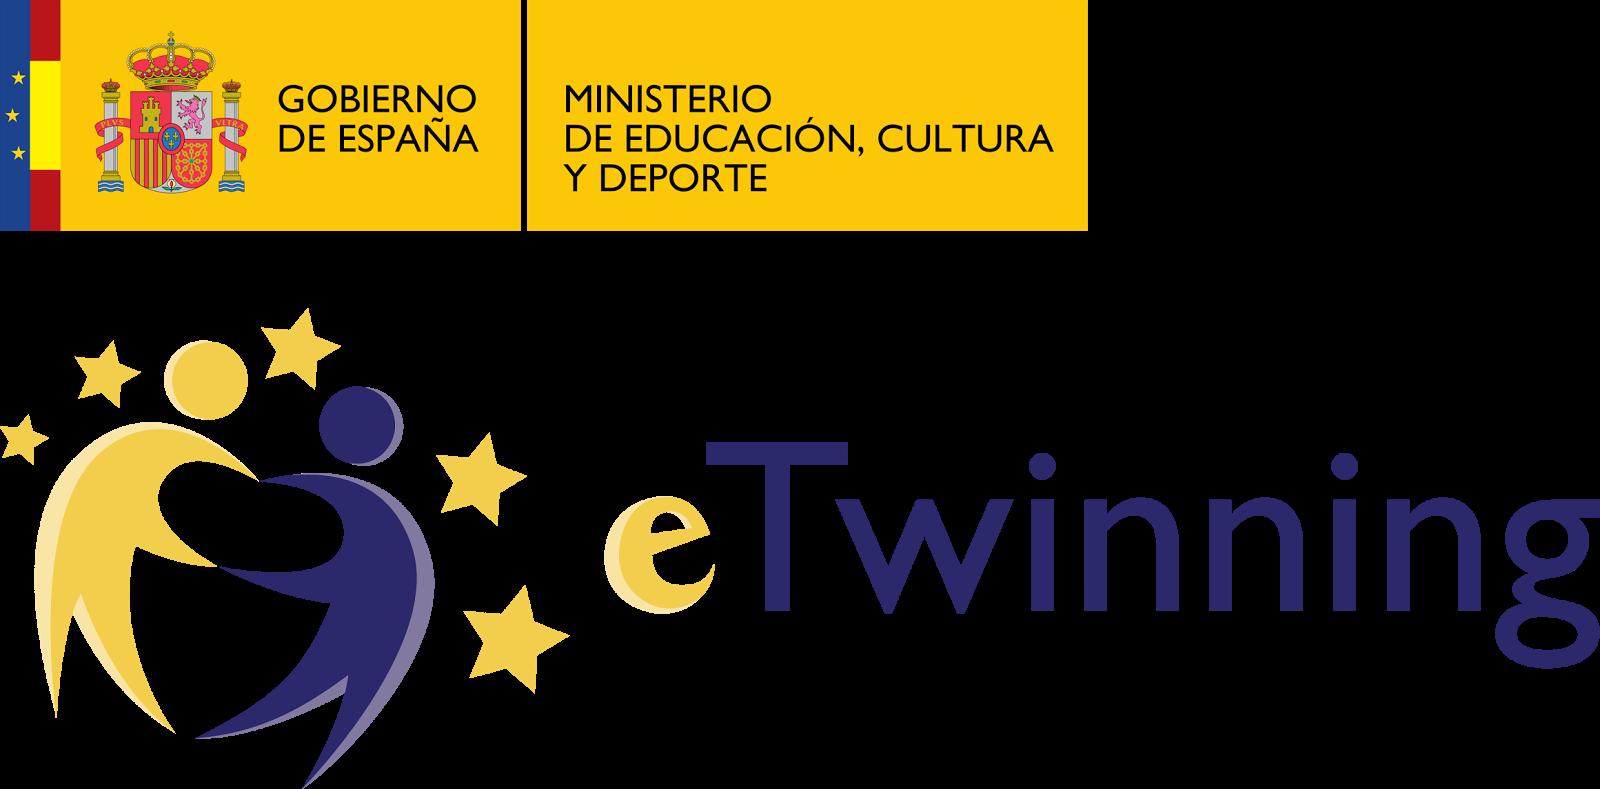 Etwinning.es